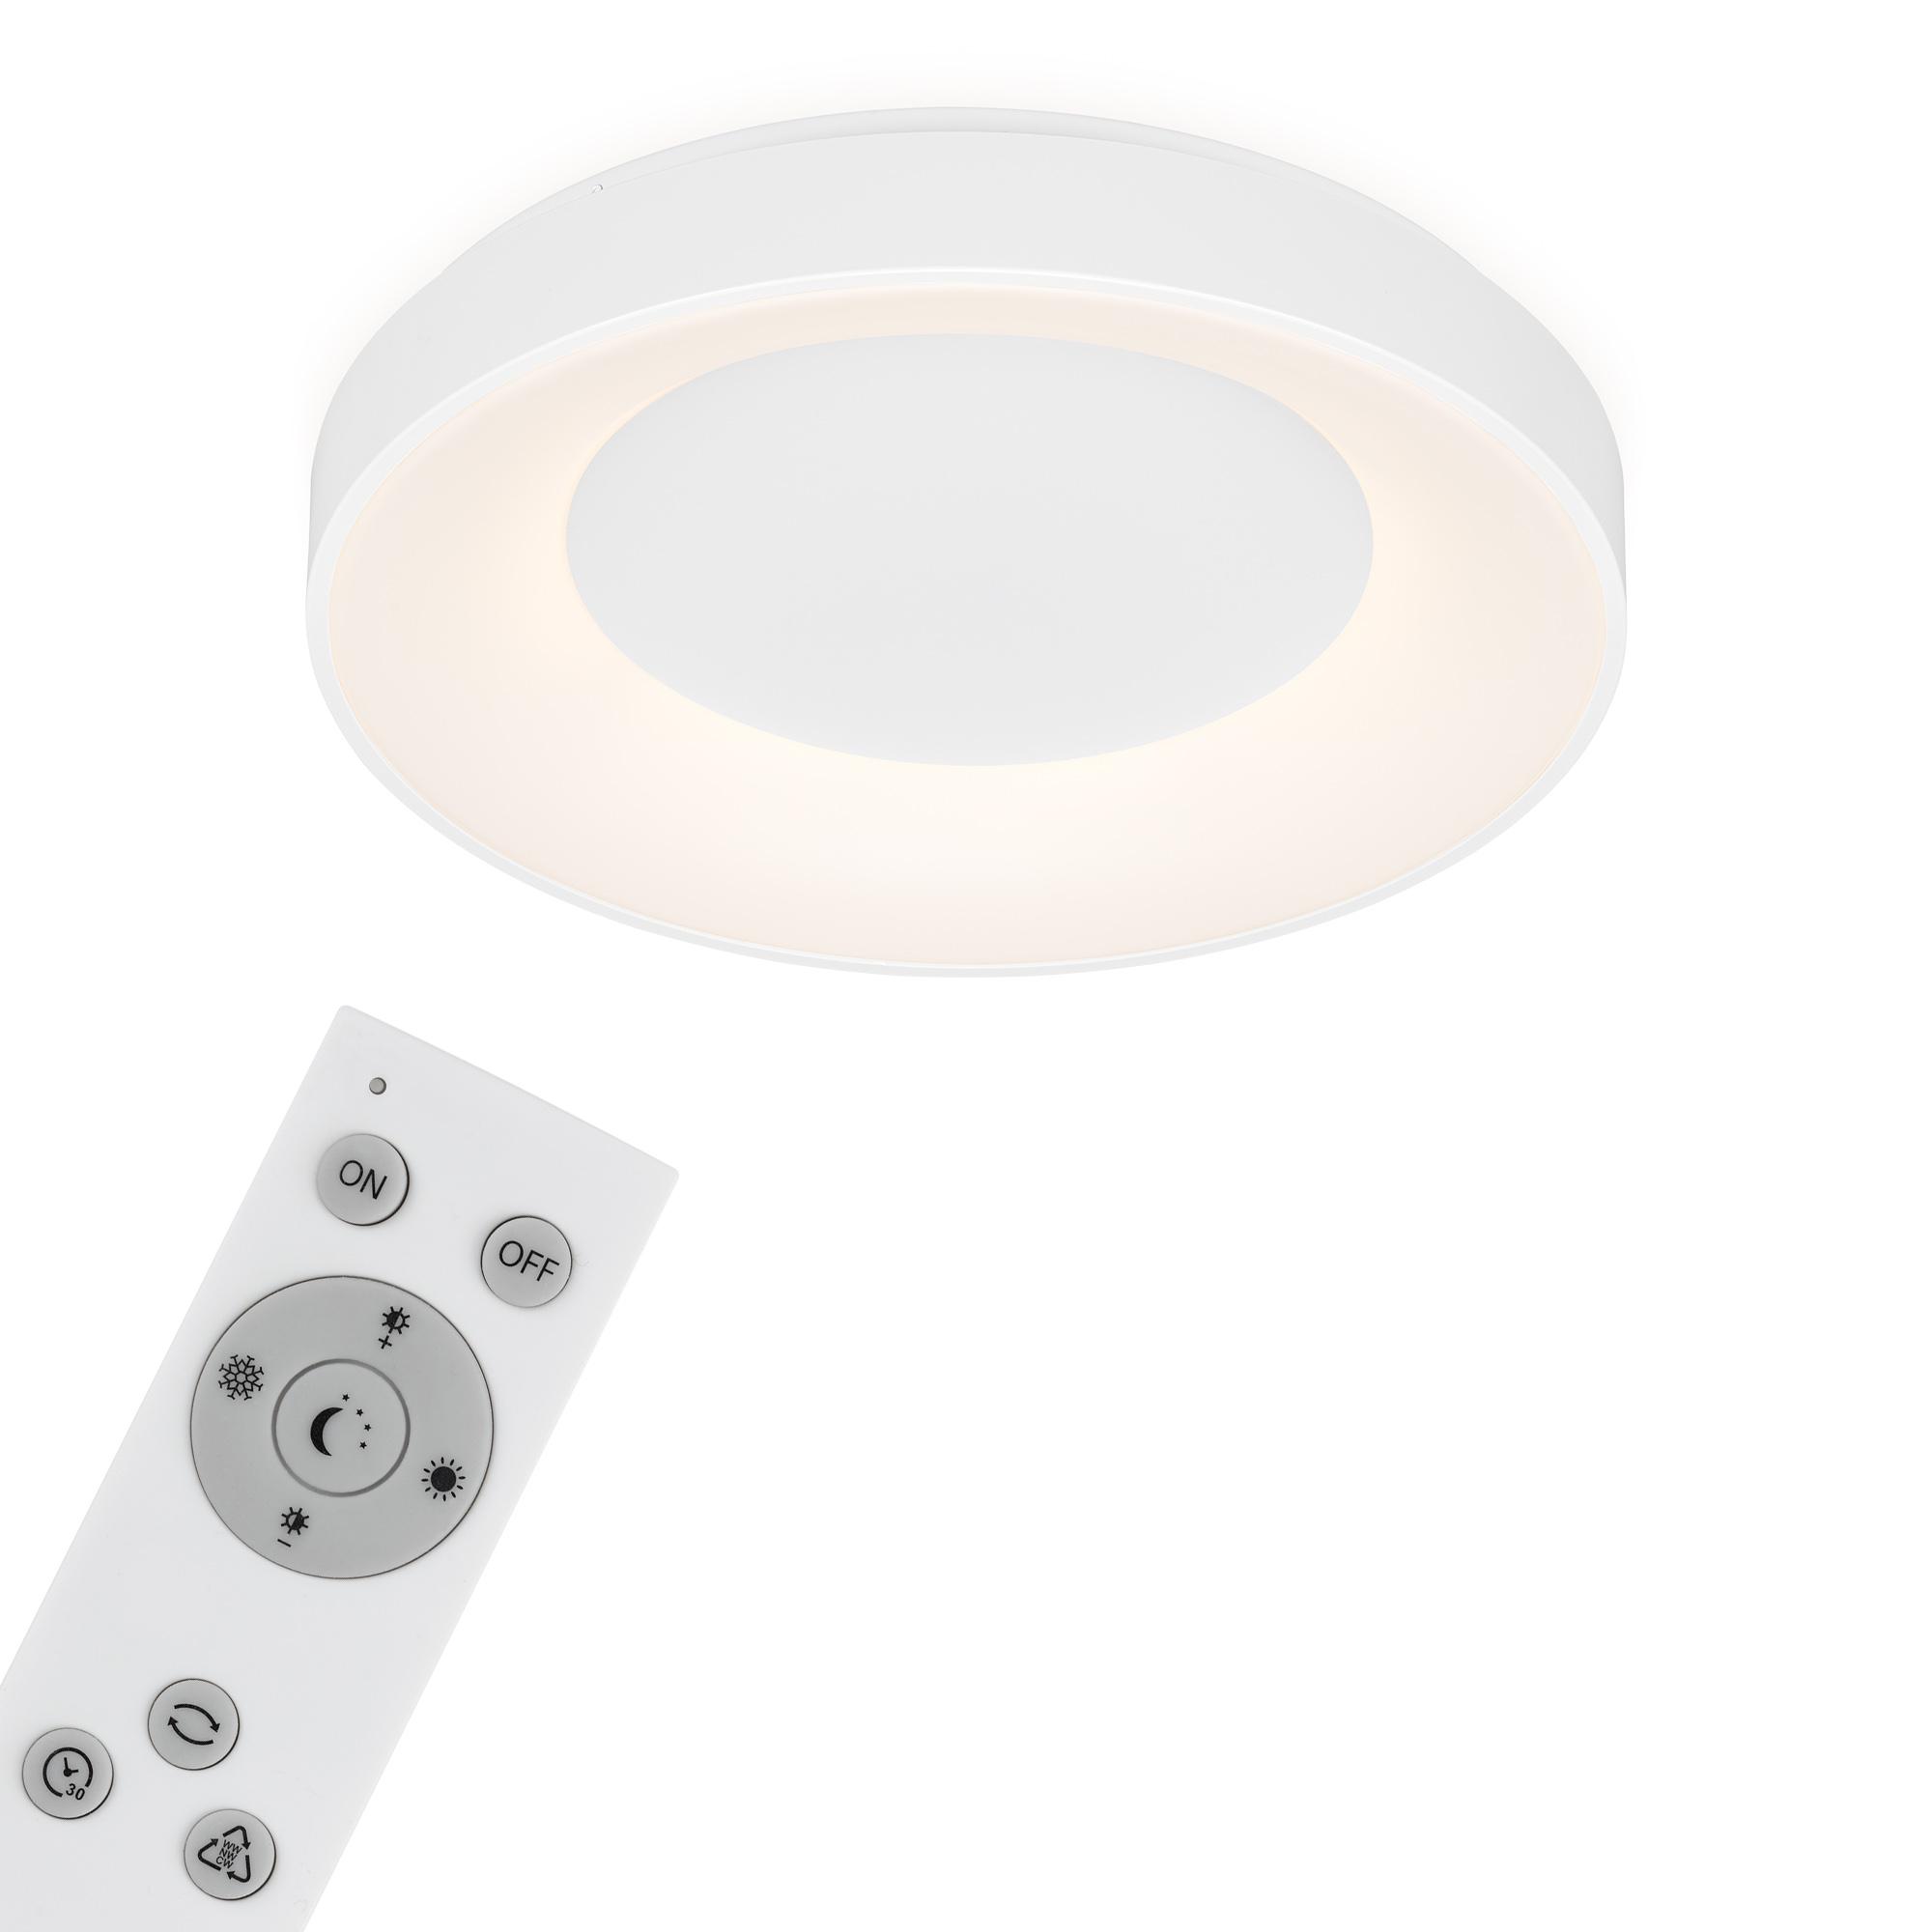 CCT LED Deckenleuchte, Ø 48,4 cm, 36 W, Weiß